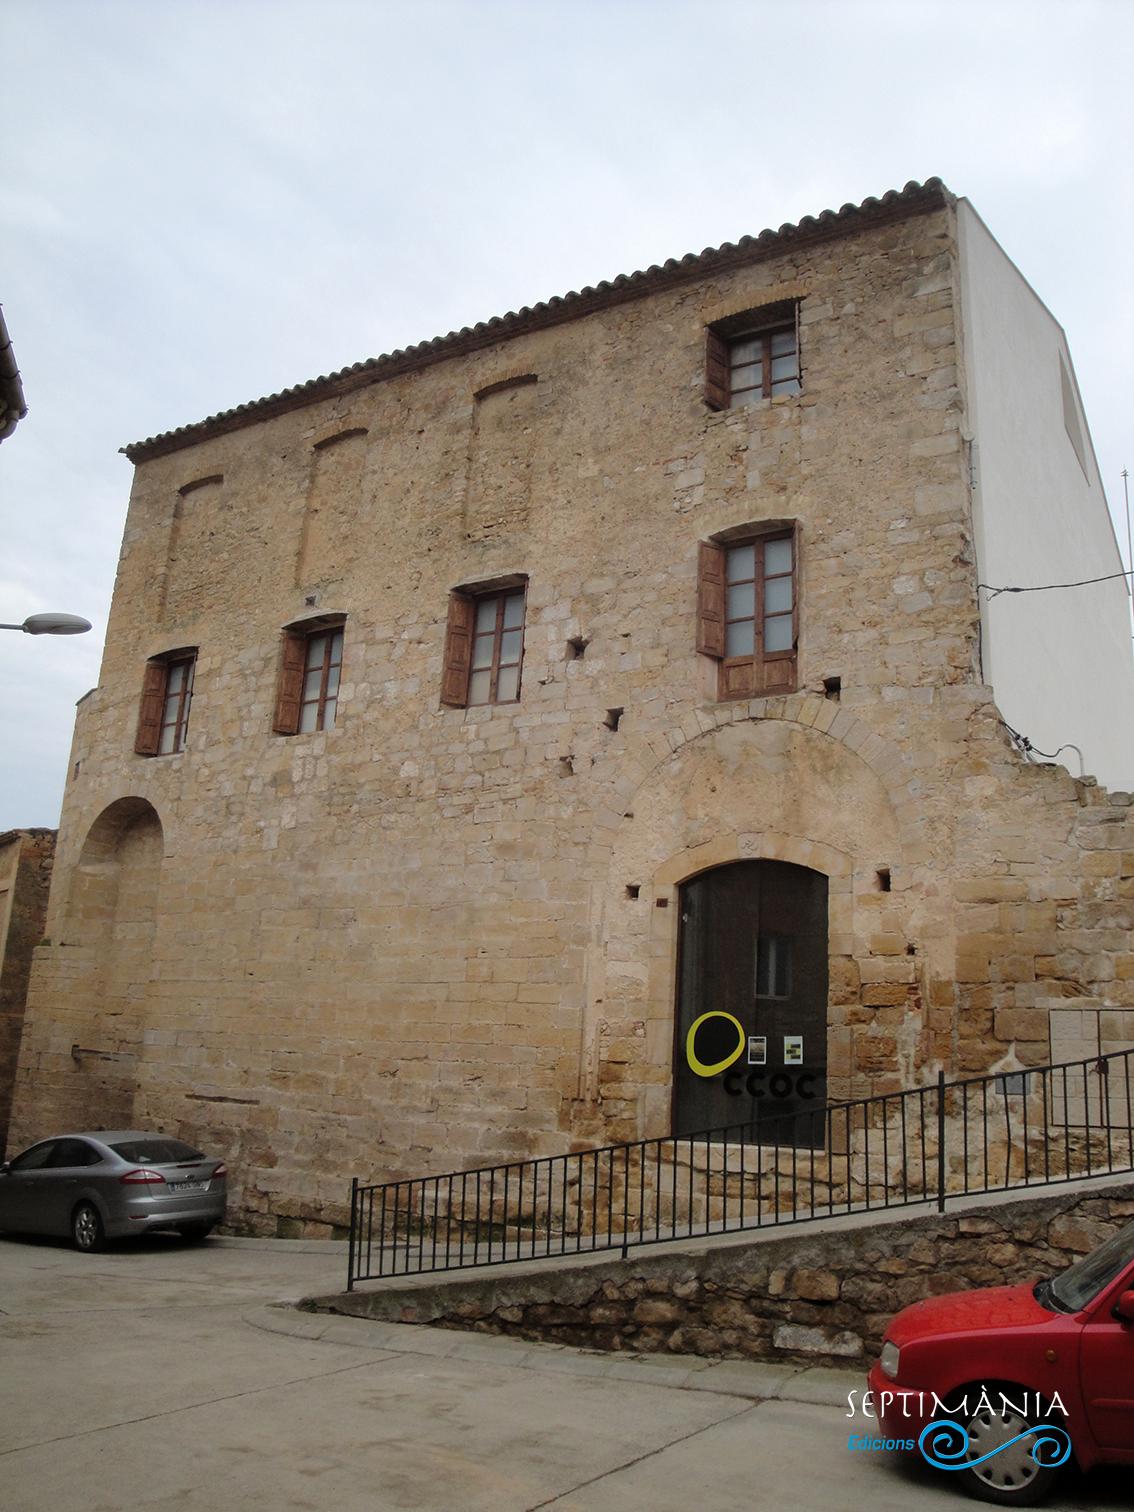 22.04.2019 Primitica església de Santa Maria de Gràcia. De transició del romànic al gòtic. En l'actualitat acull el museu de l'oli.  La Granadella. -  Jordi Bibià